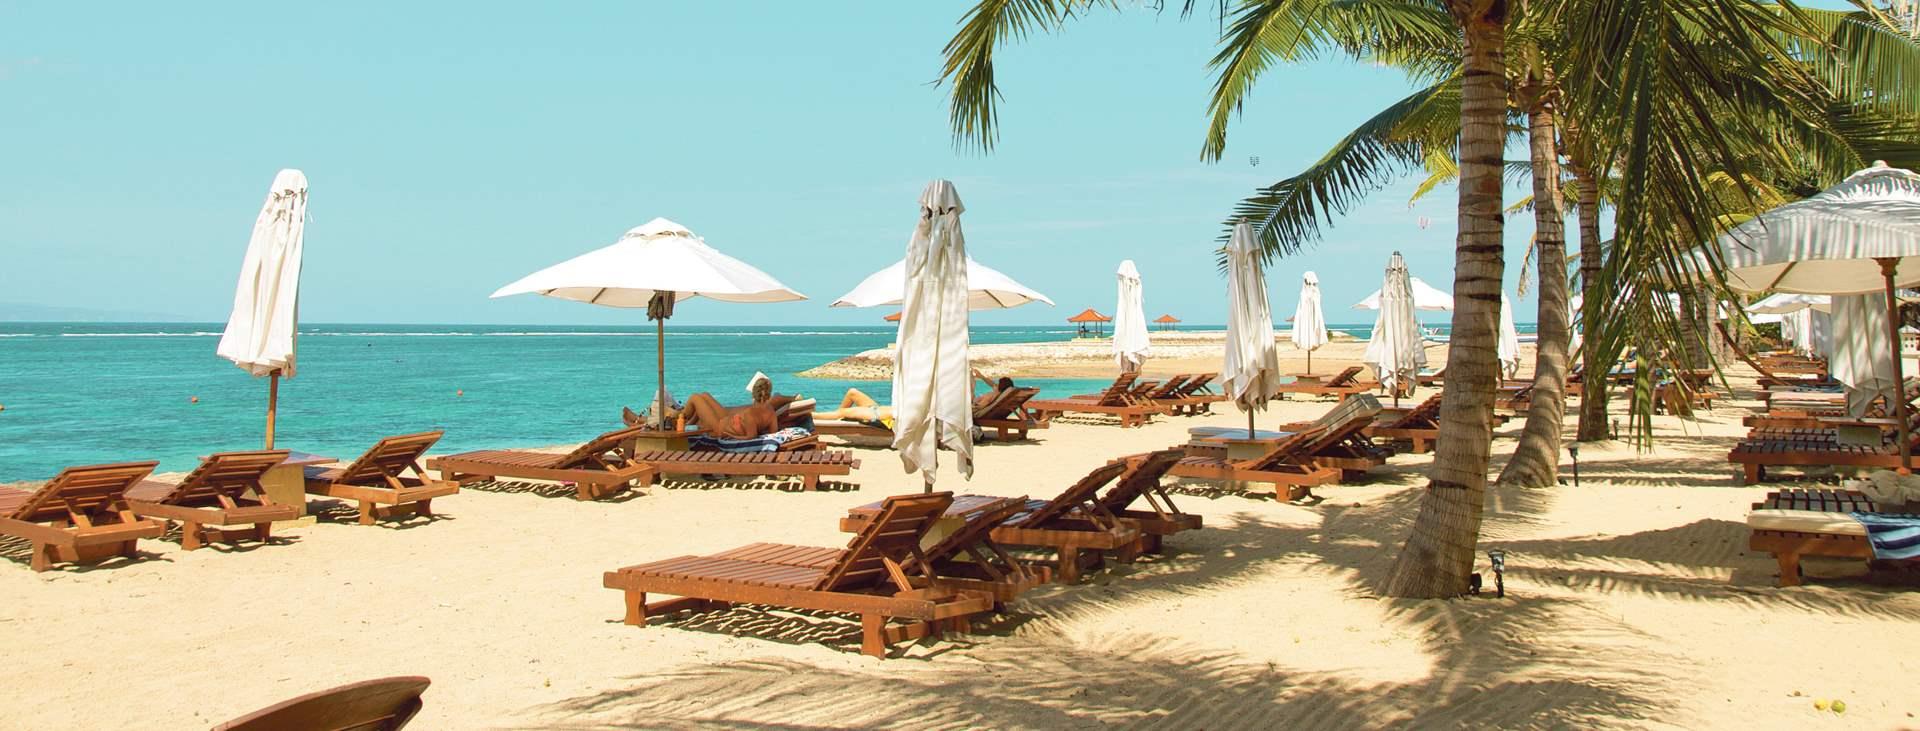 Bestill en reise med Ving til Sanur på Bali